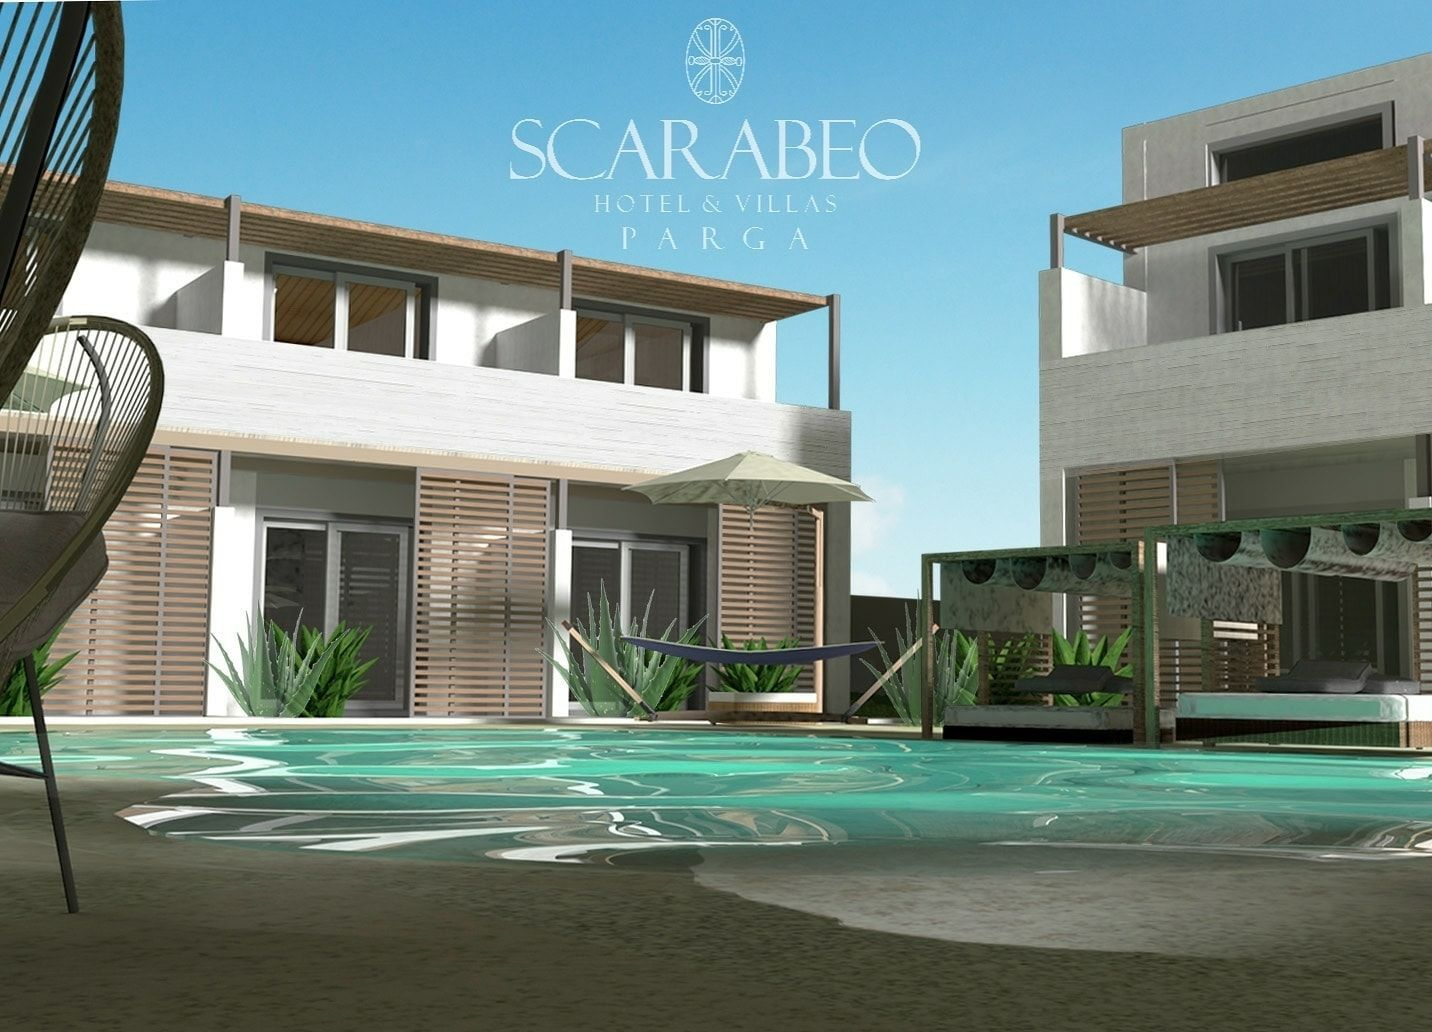 Scarabeo Hotel amp; Villas Parga